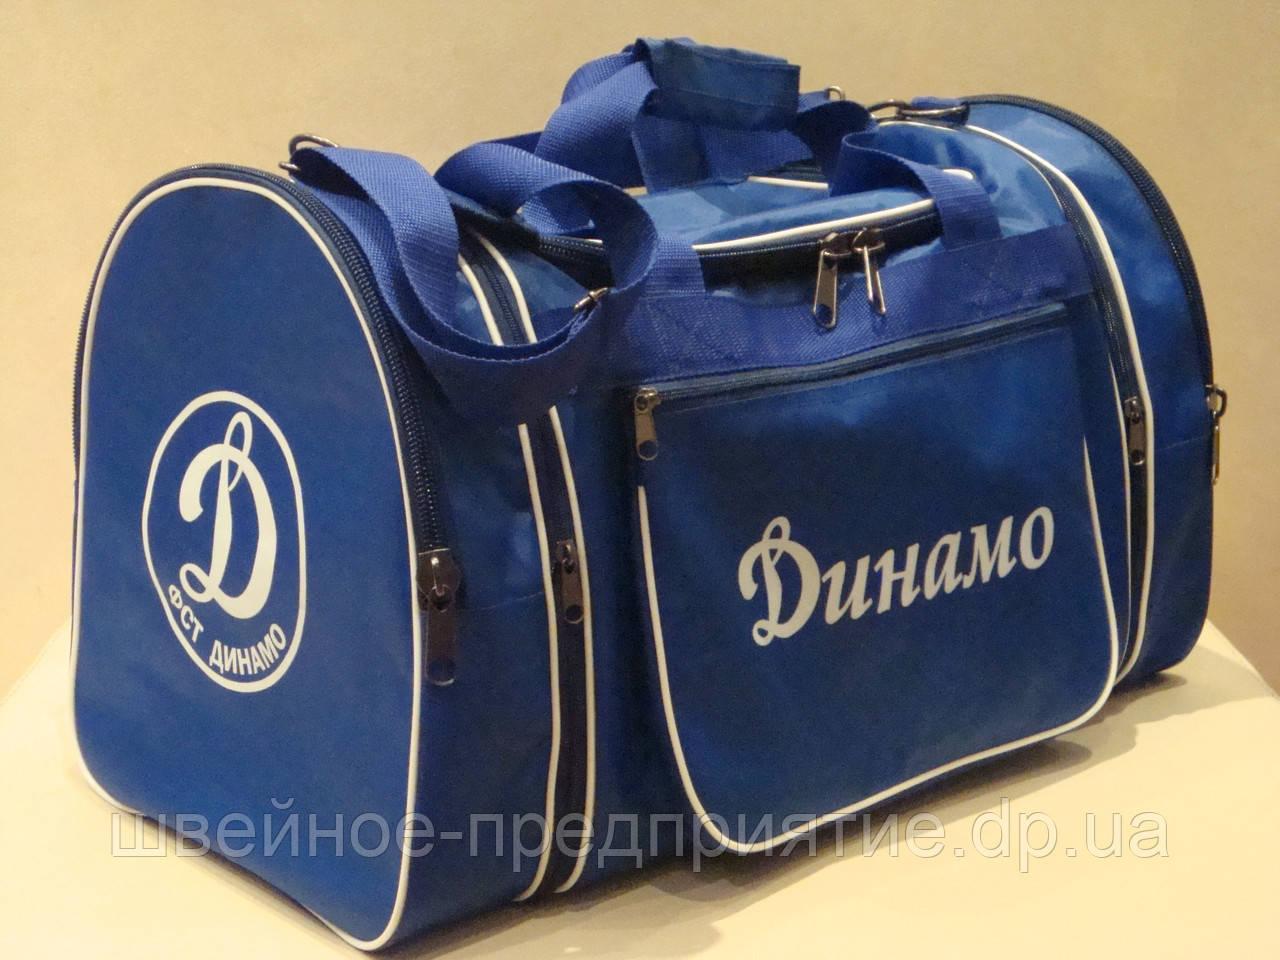 Пошив на заказ сумок спортивных, дорожных